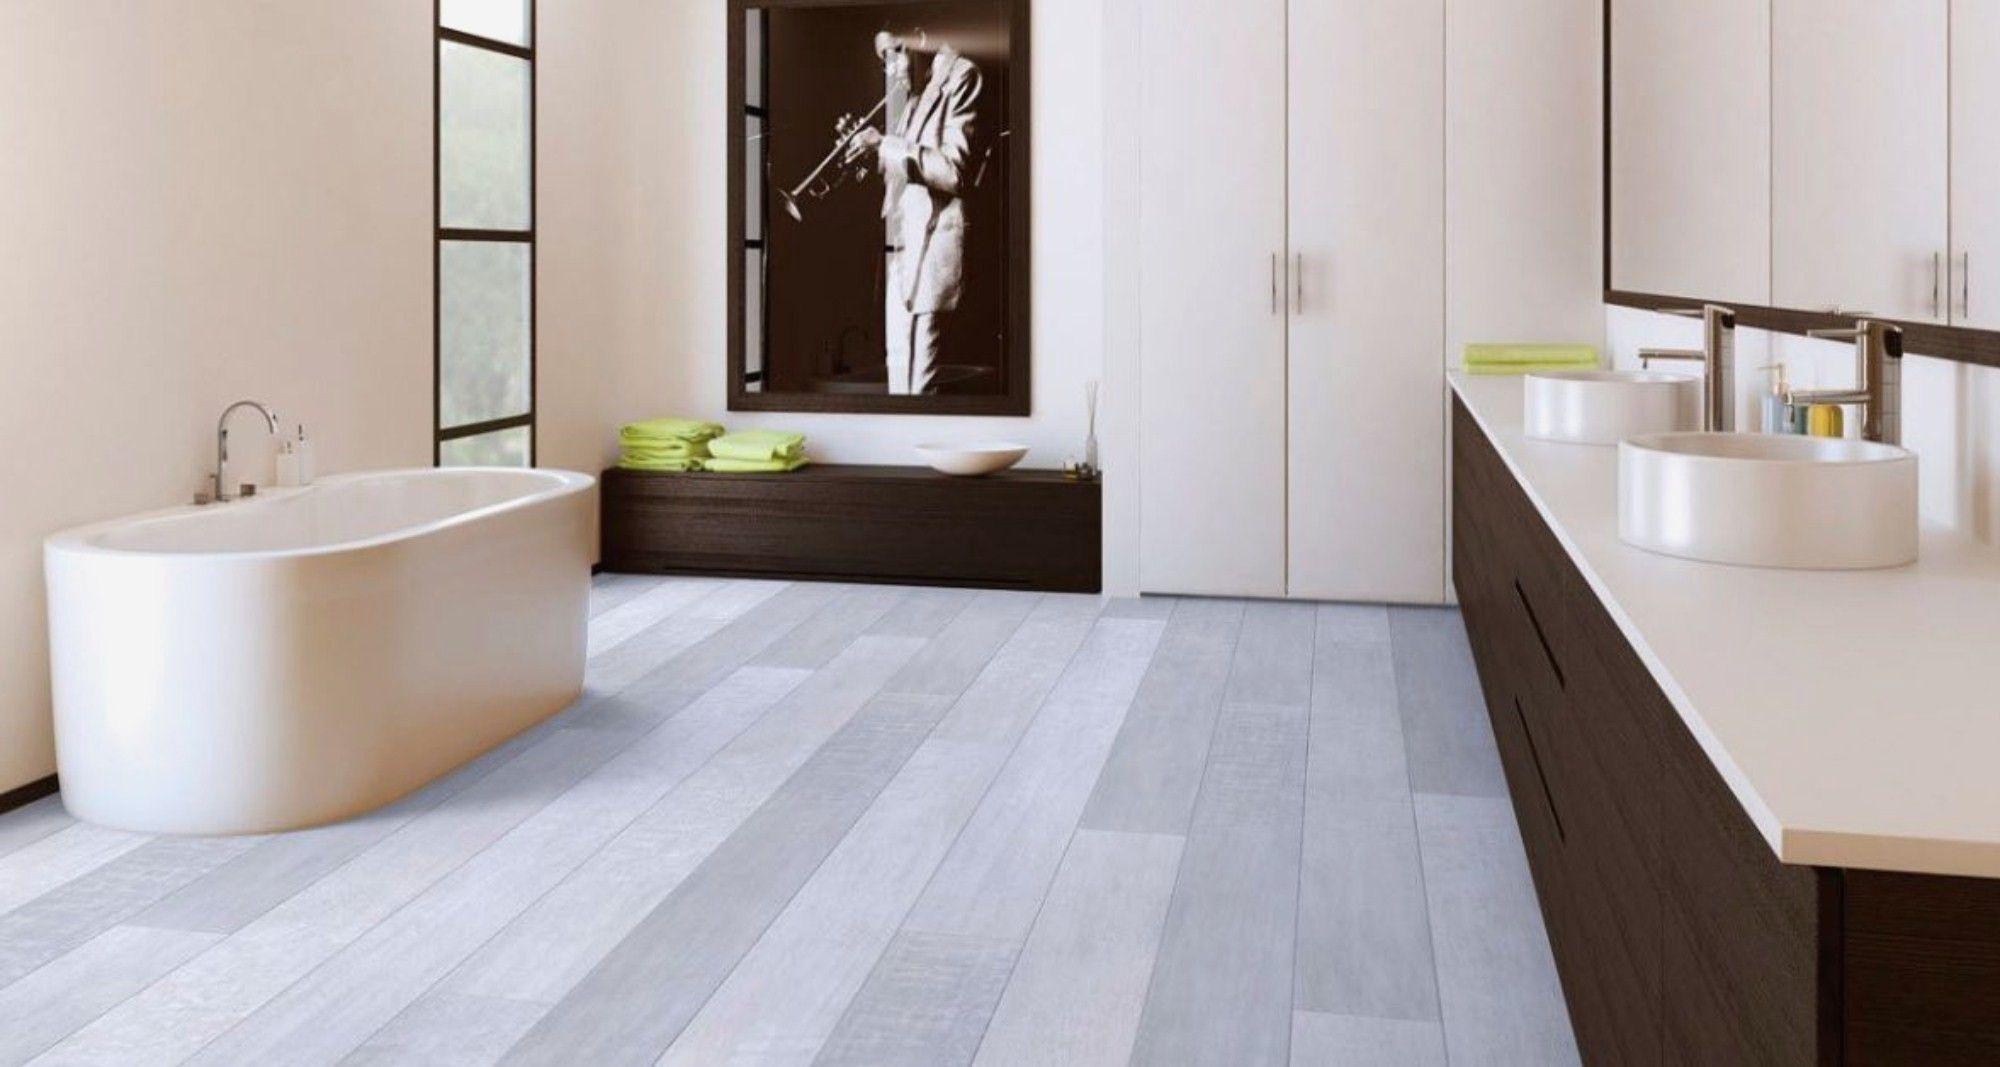 Badezimmer Bodenbelag Optionen Badezimmer Vinyl Weisser Laminatboden Minimalistische Badgestaltung